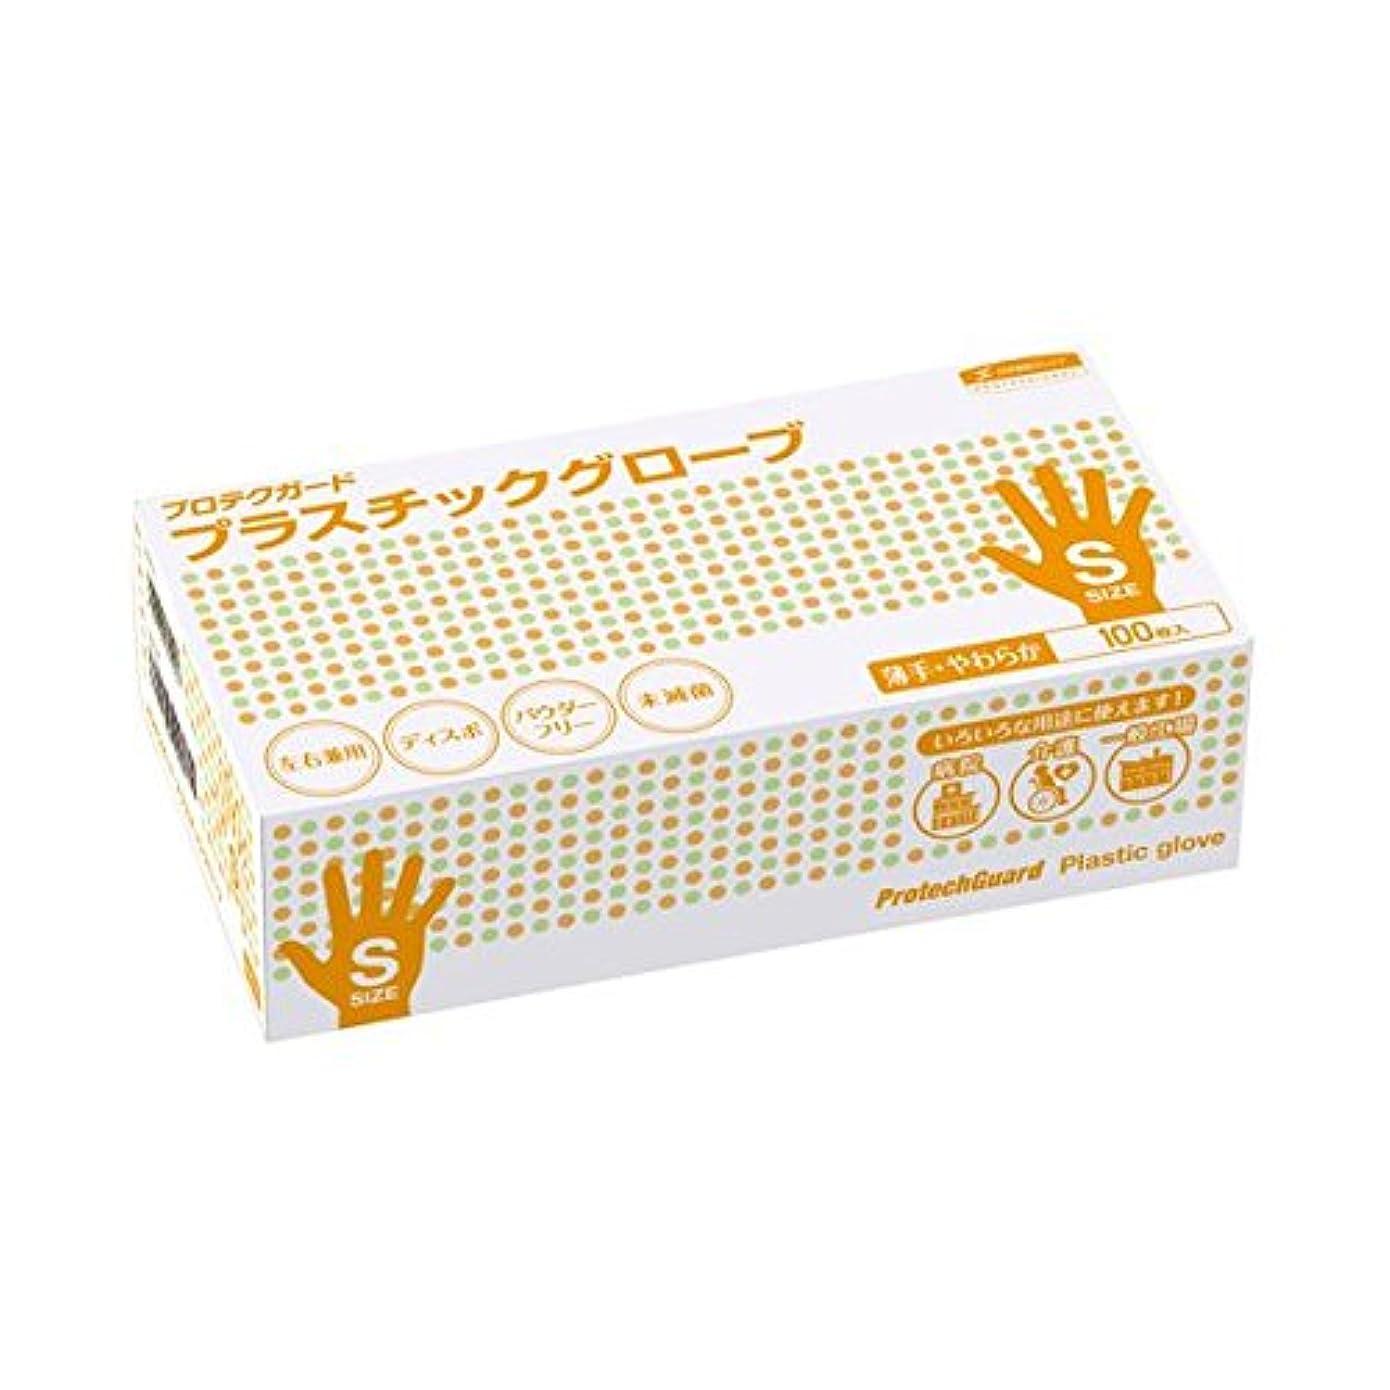 オーバーラン検出する磁石日本製紙クレシア プロテクガード プラスチック Sサイズ ds-1915779